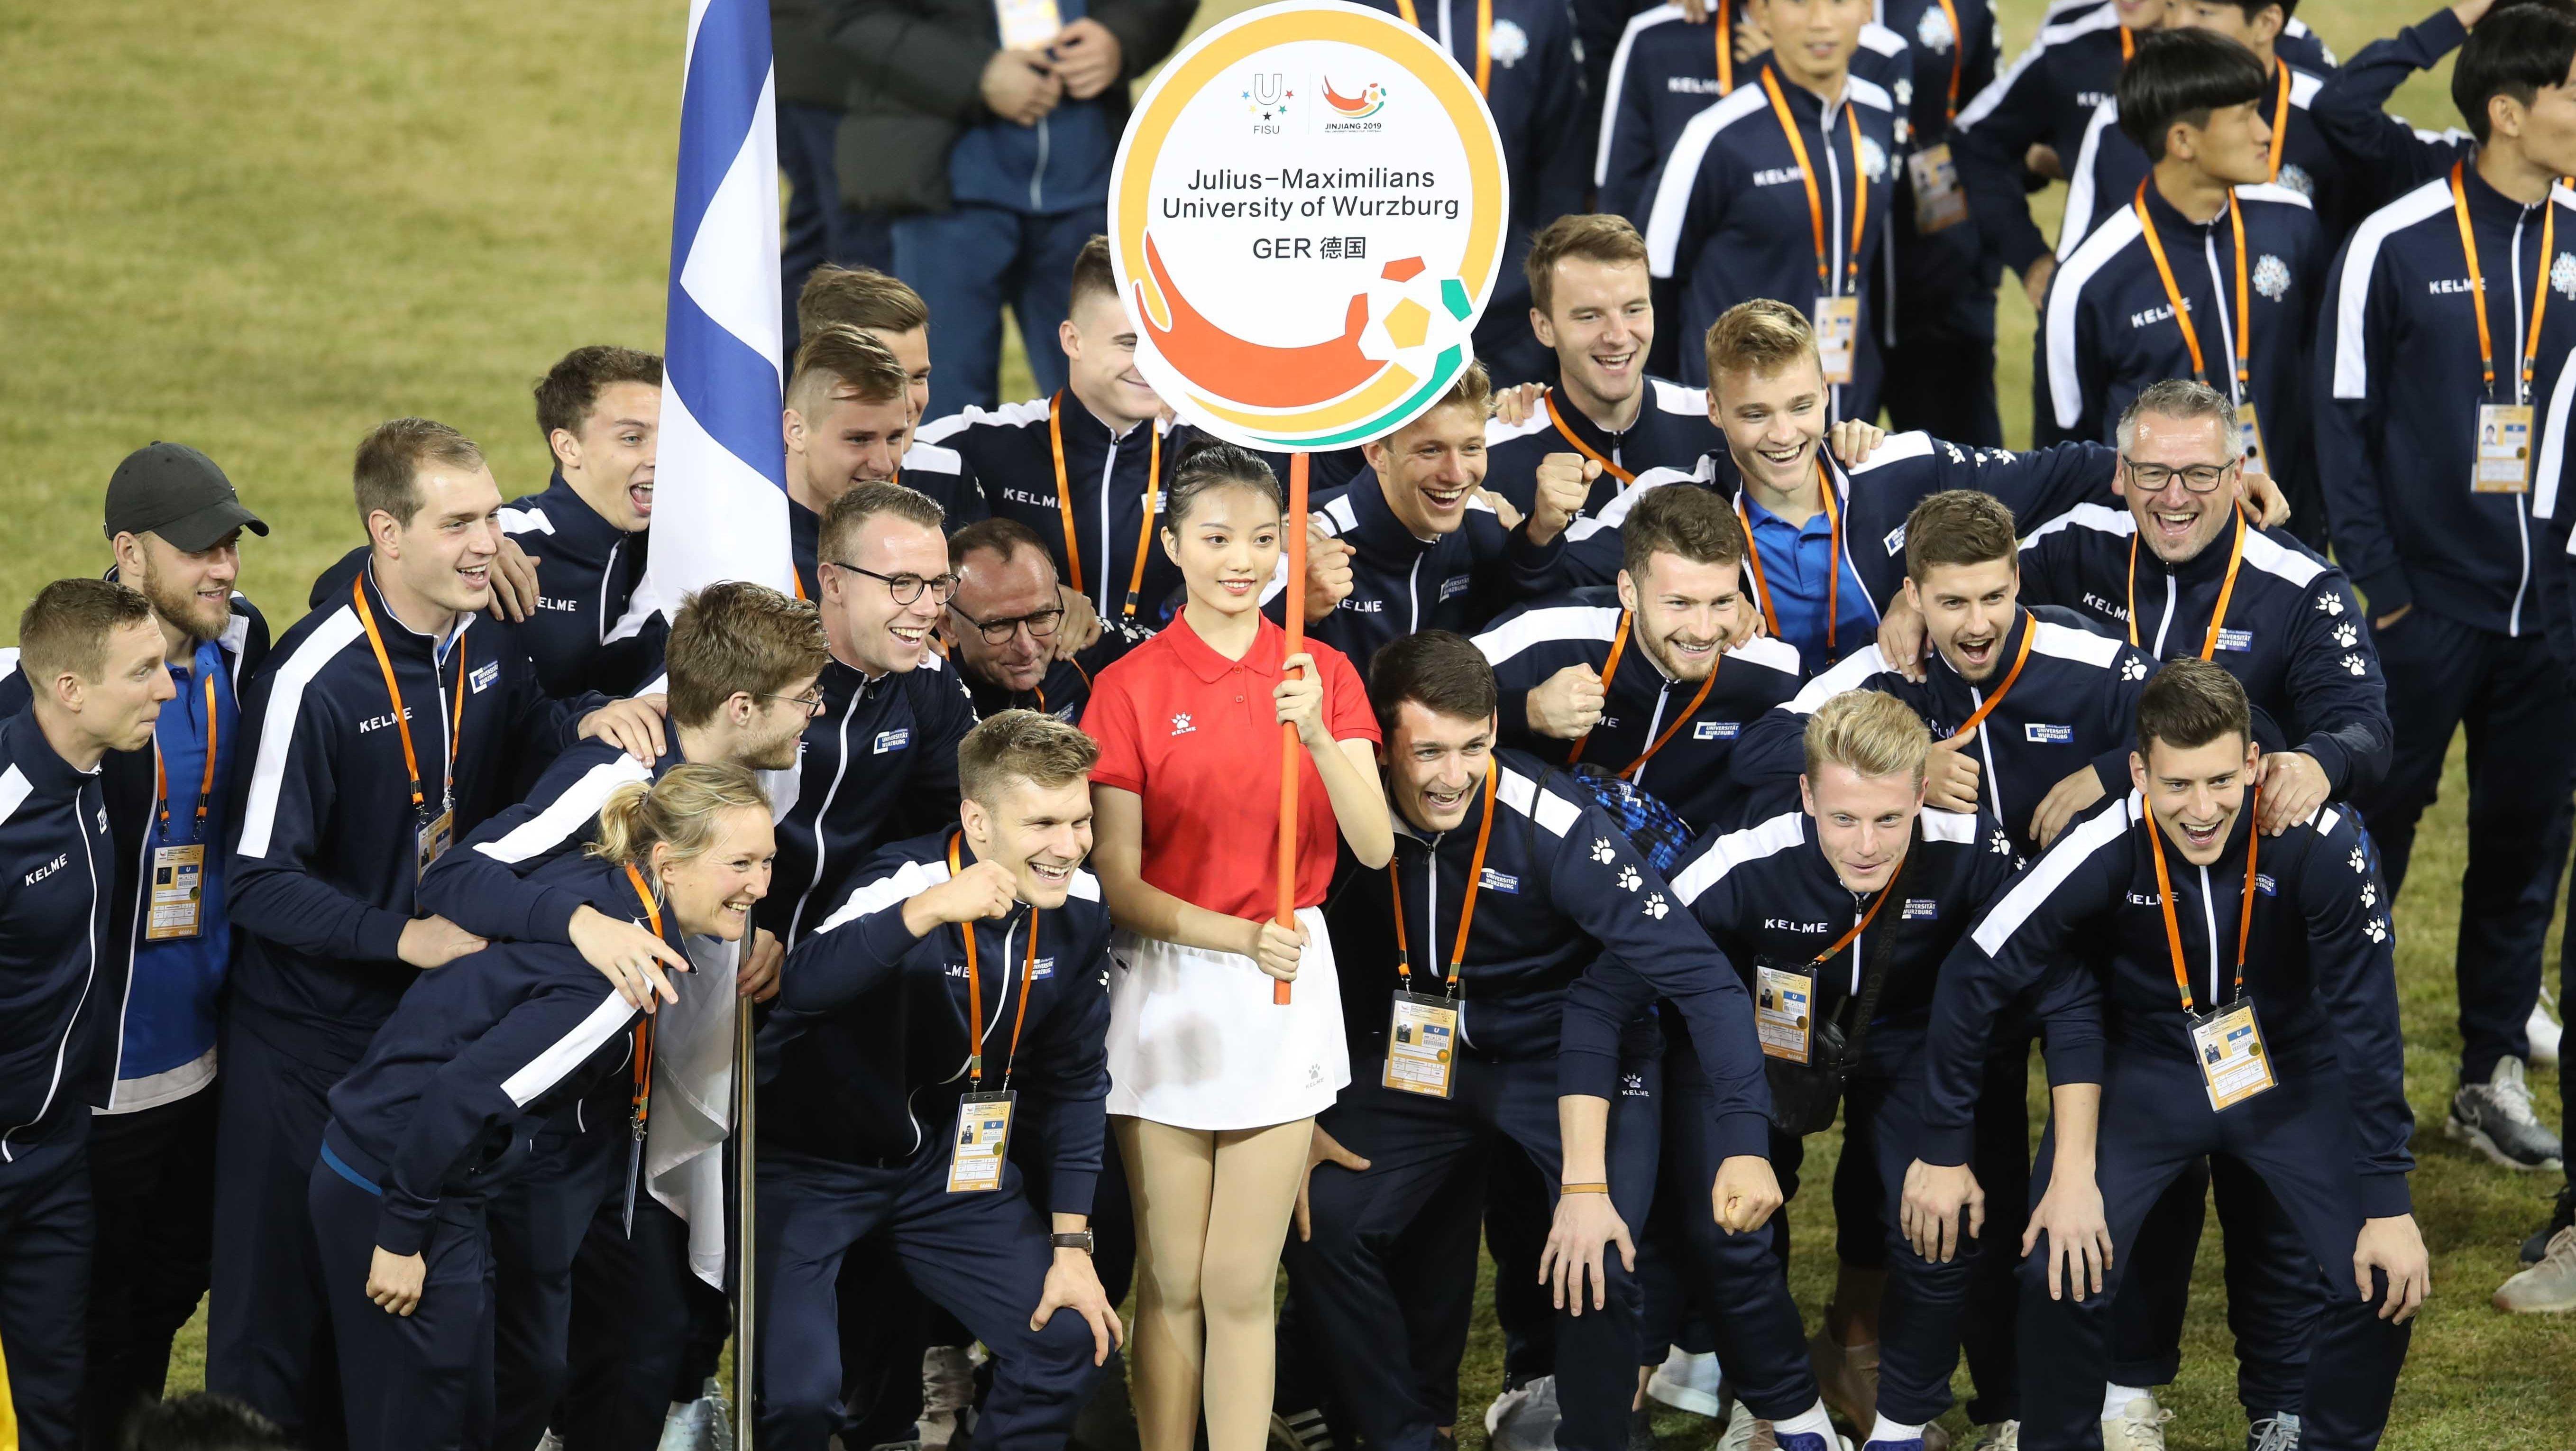 Die Fußballmannschaft der Julius-Maximilians-Universität Würzburg bei der Hochschul-WM im chinesischen Jinjiang